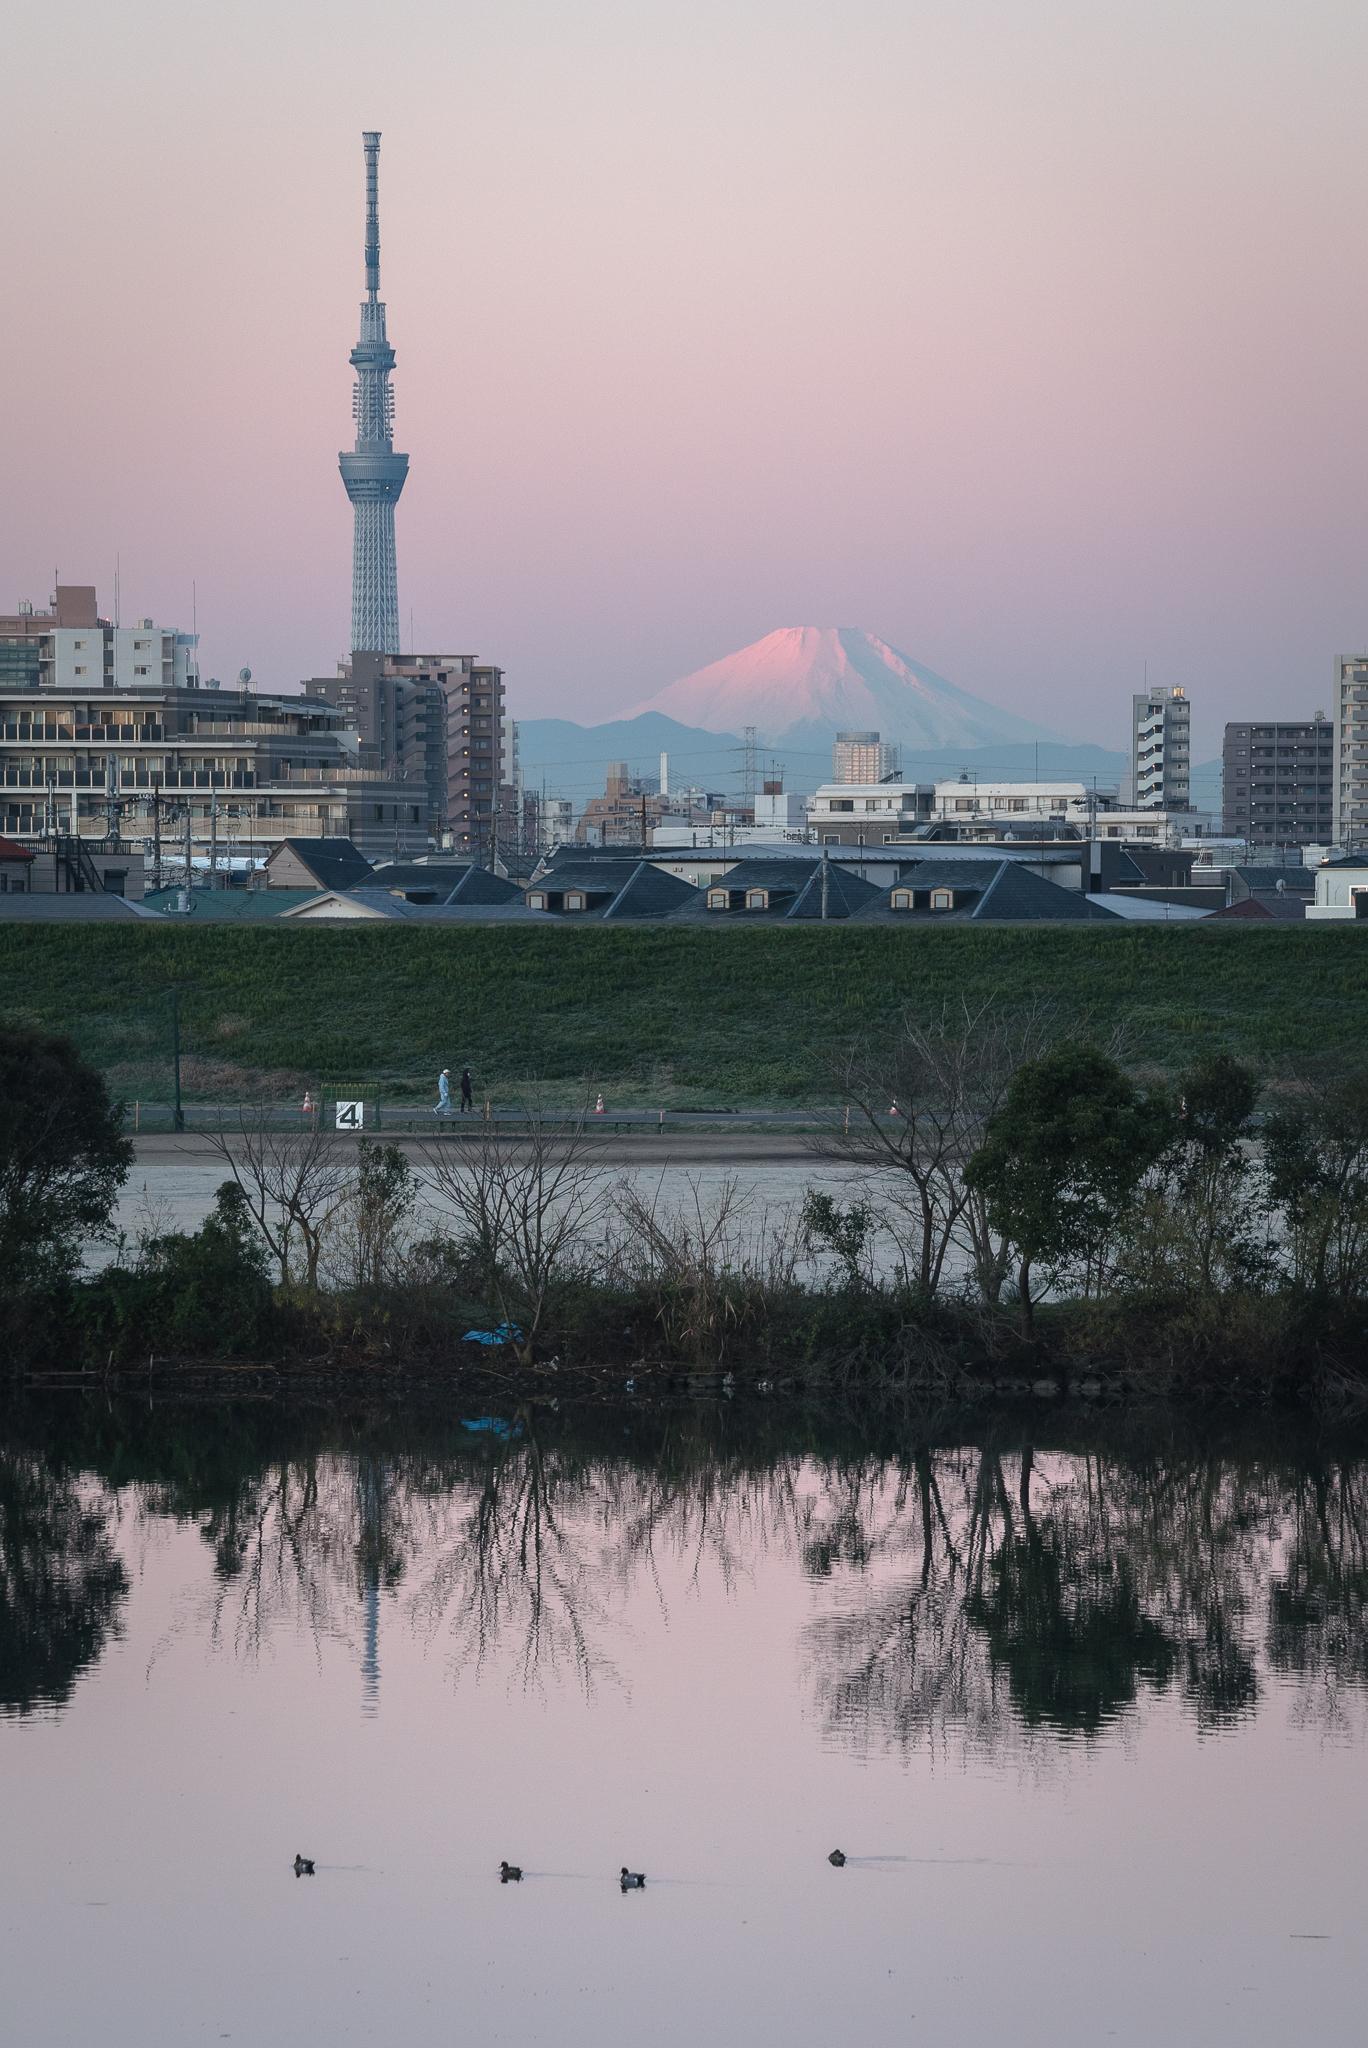 「桃色の富士山、スカイツリーと江戸川」 江戸川の土手より